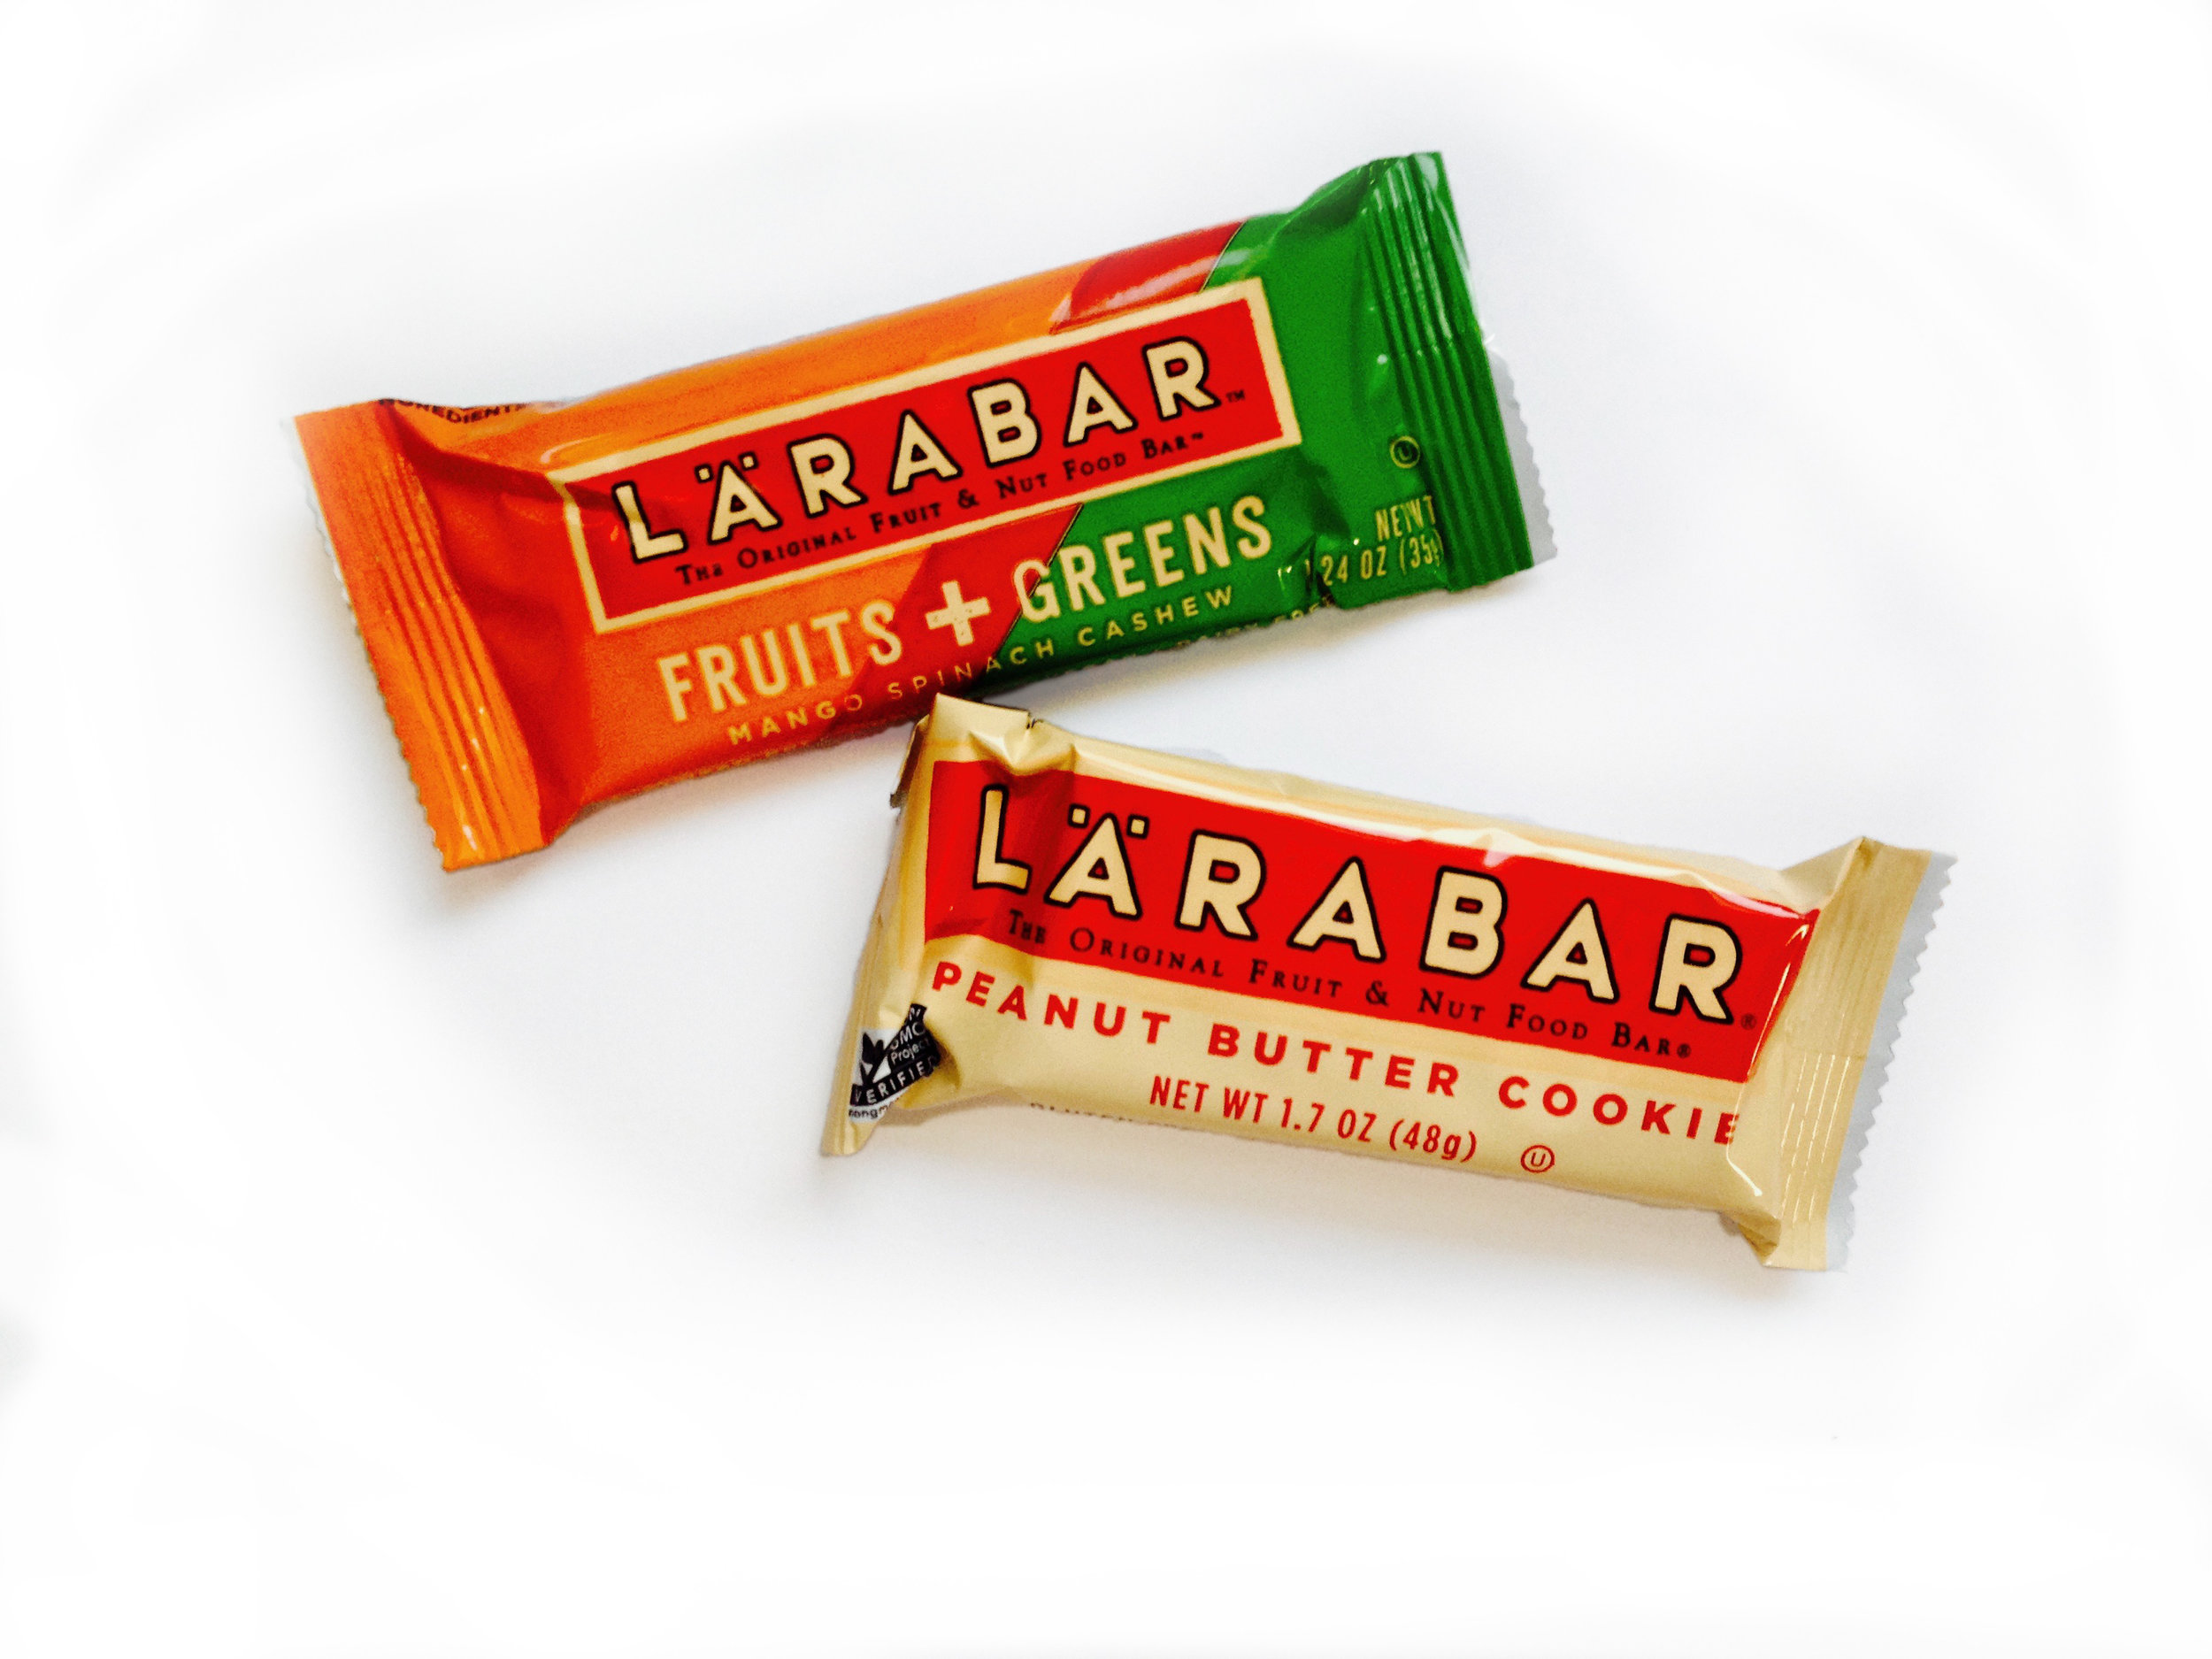 Travel Snacks - Larabar